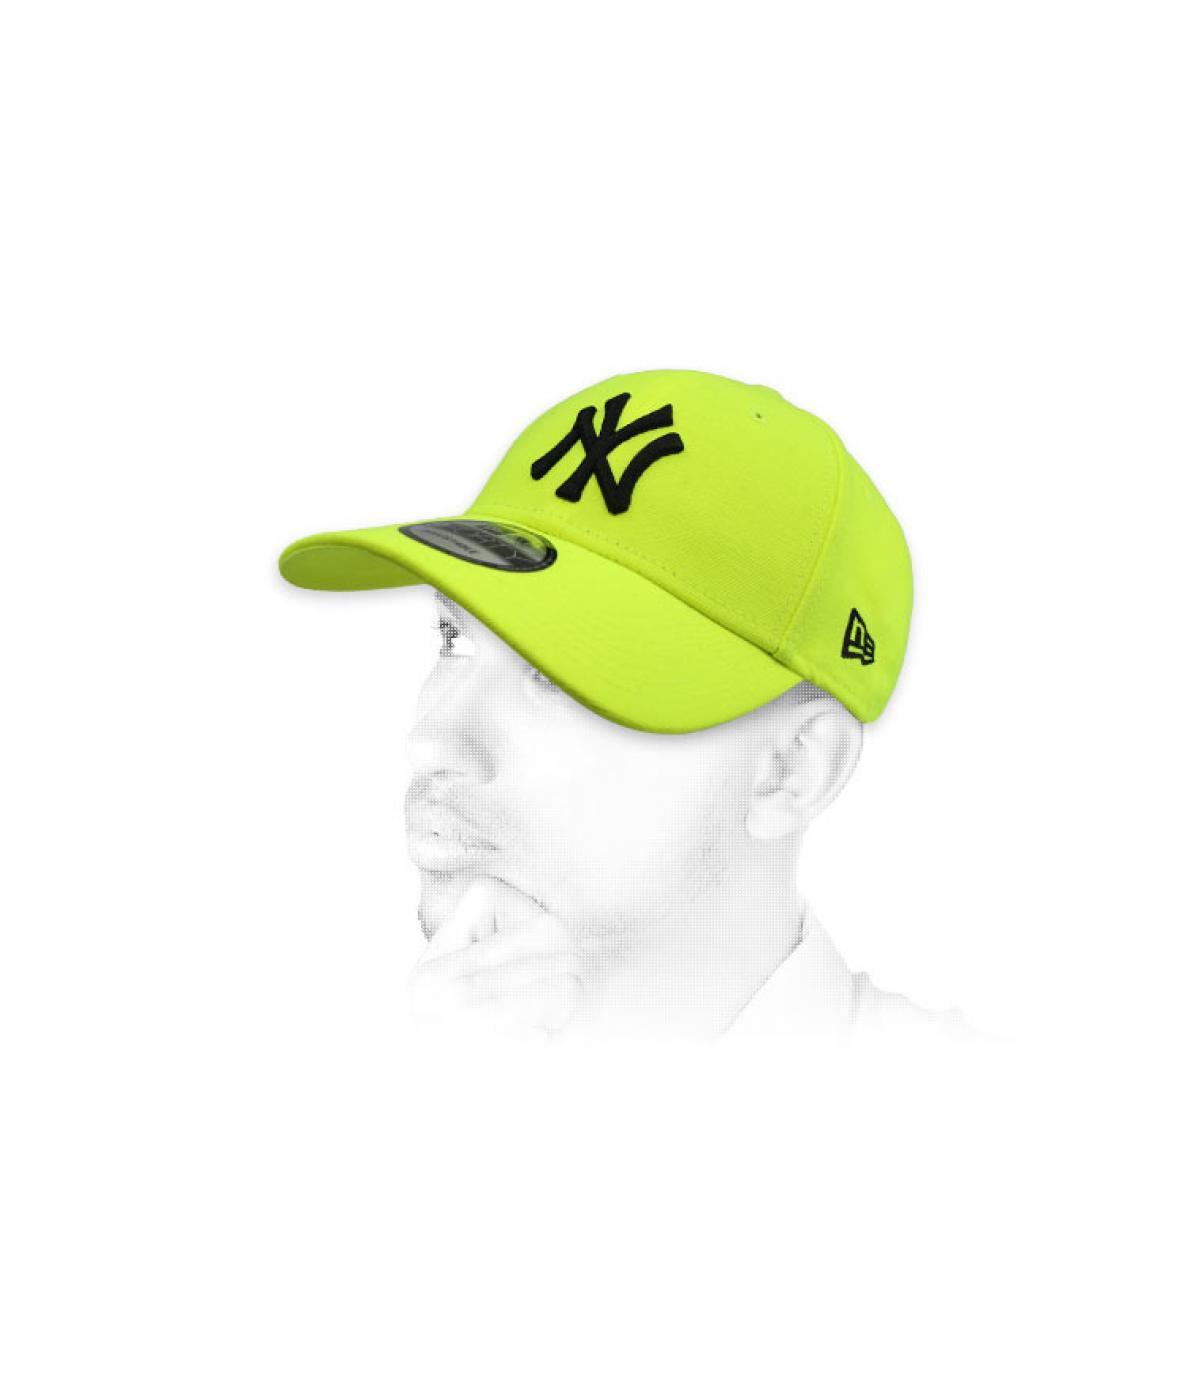 Cap NY neongelb